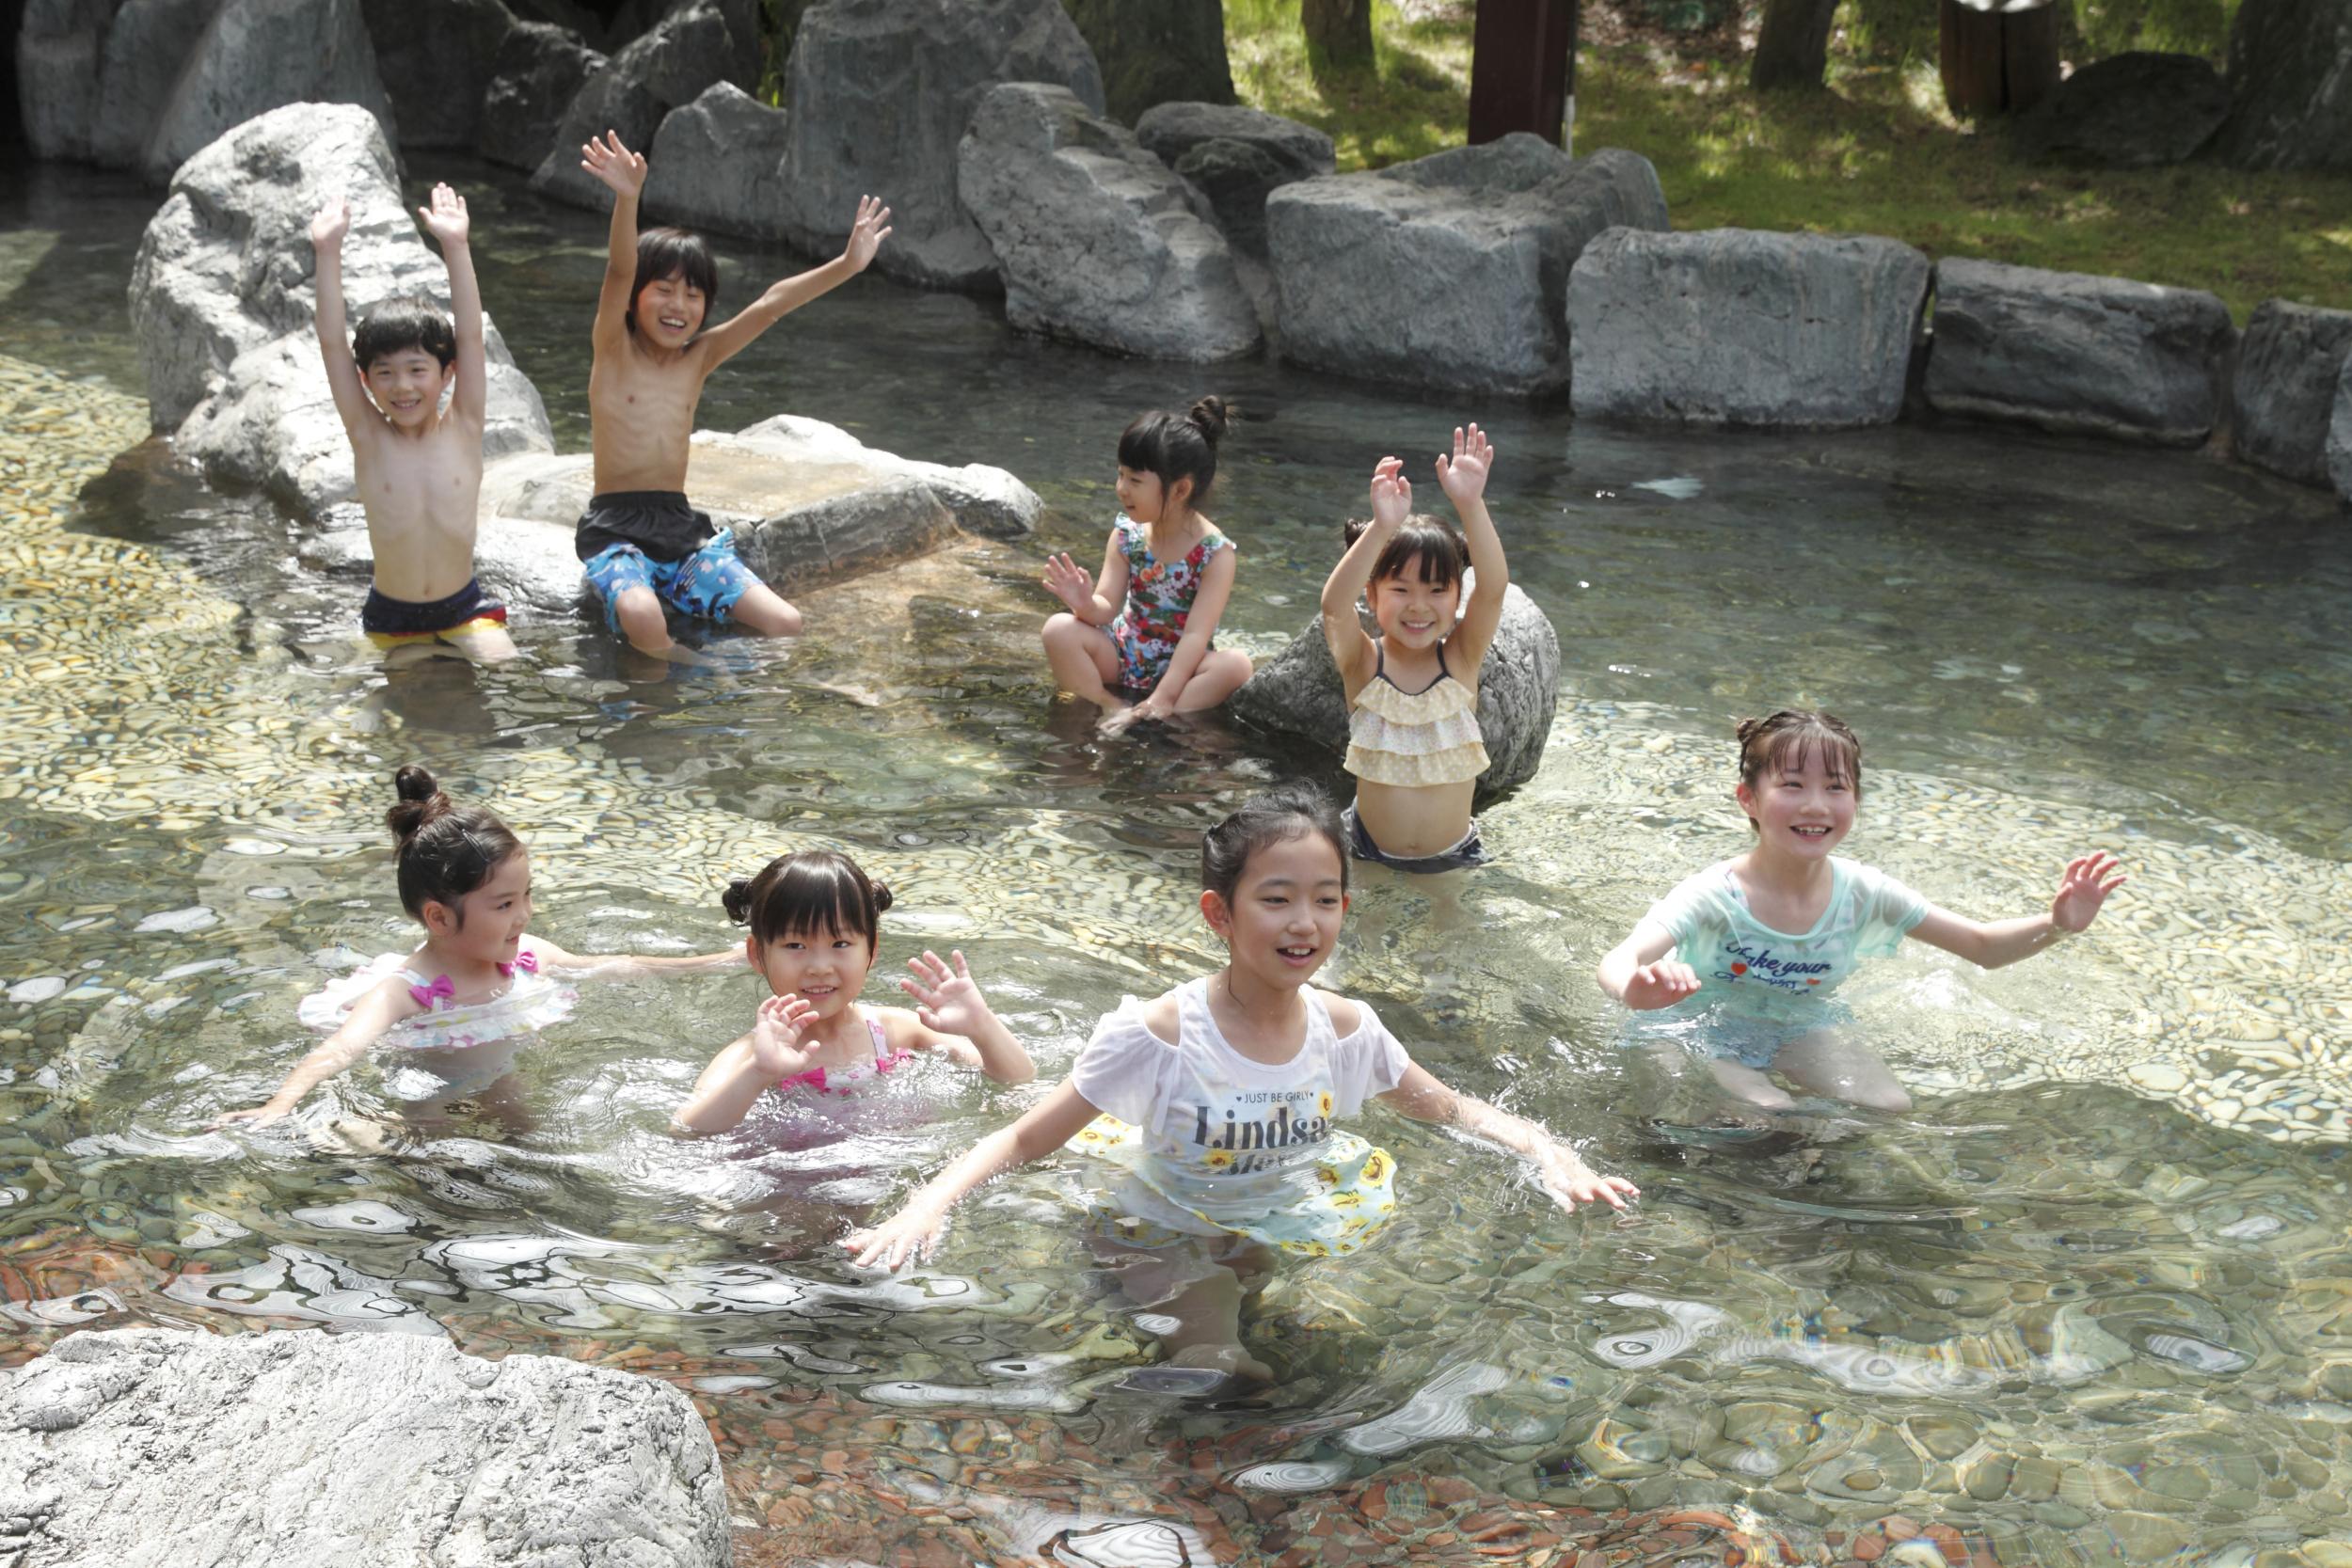 大露天風呂では水着か湯あみ着を着用。他に陶器風呂や男女別の木曾ひのき露天風呂、自然石露天風呂もある多彩な湯処